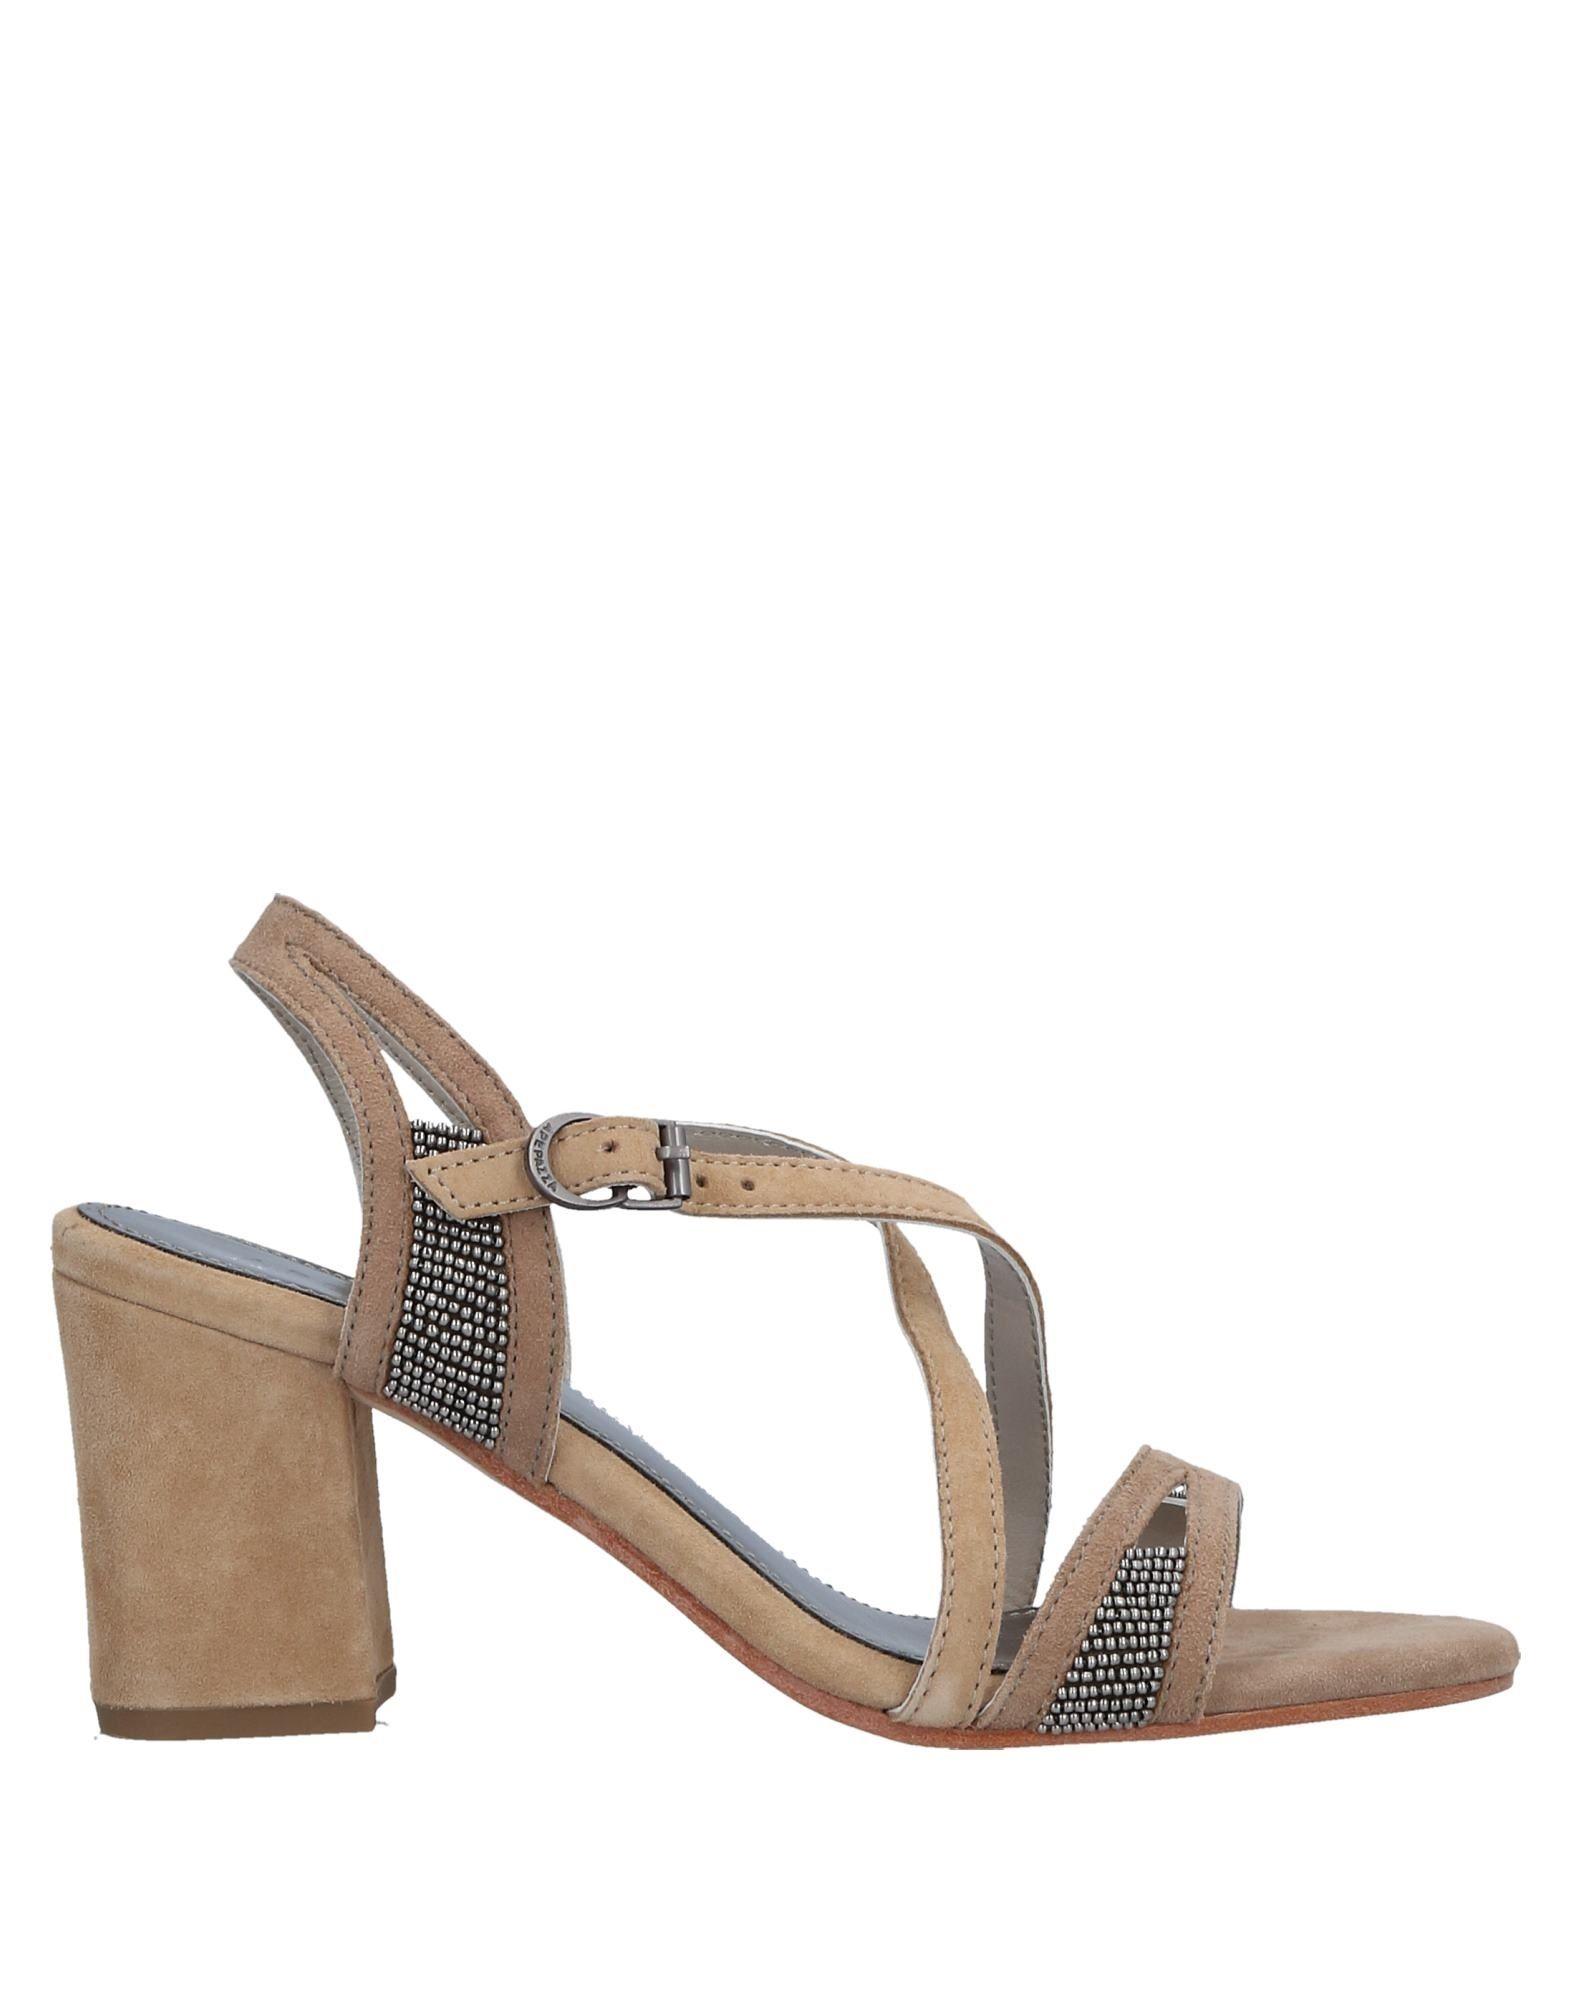 Sandali Apepazza Donna - 11127491MO Scarpe economiche e buone